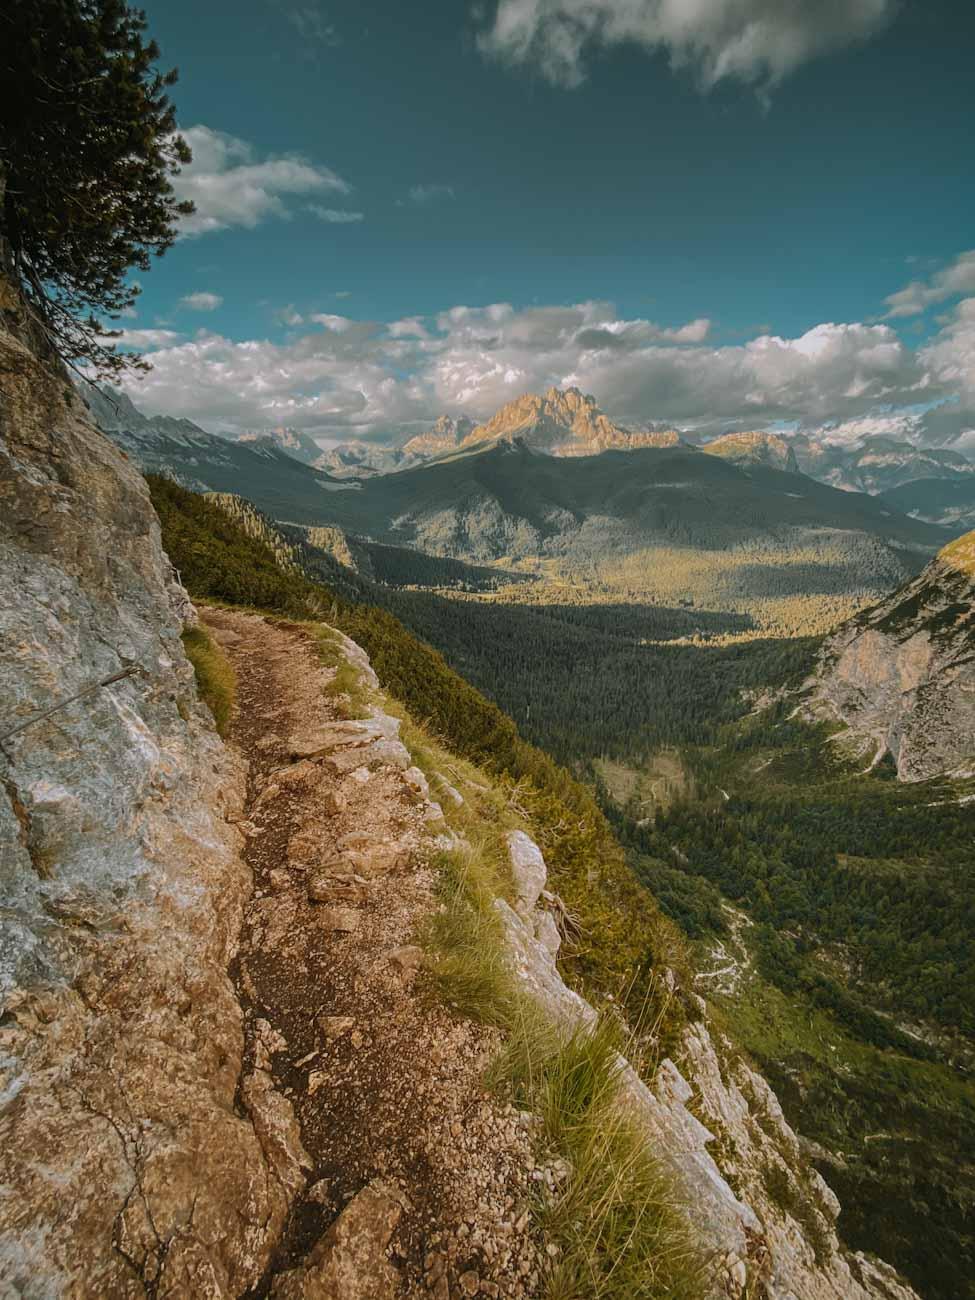 szlak 215 nad jezioro Sorapis w Alpach, Dolomity, Włochy